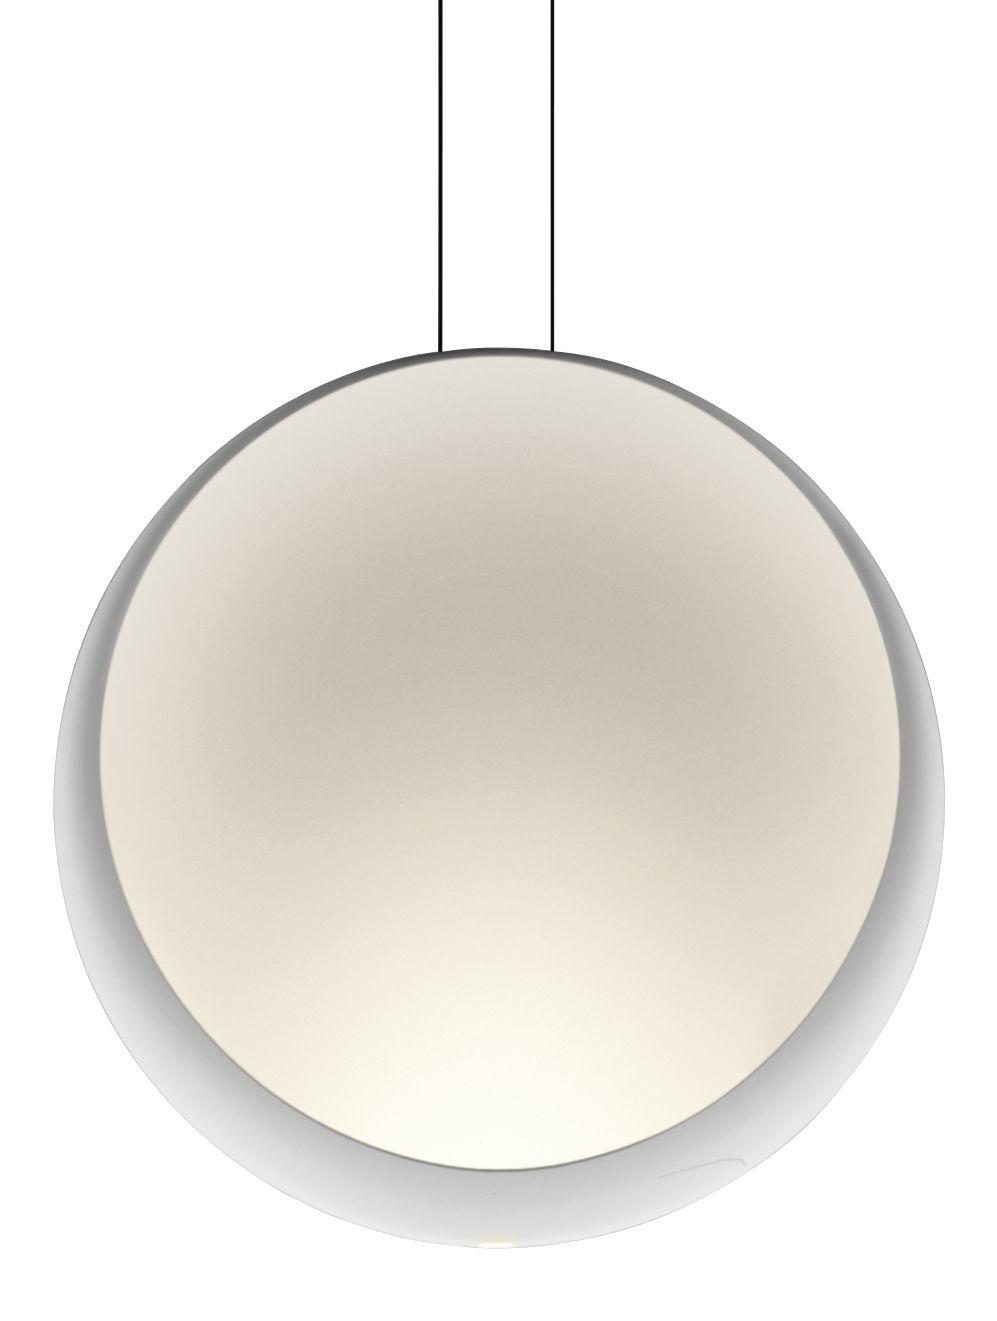 Illuminazione - Lampadari - Sospensione Cosmos - LED / Ø 48 cm di Vibia - Bianco - policarbonato